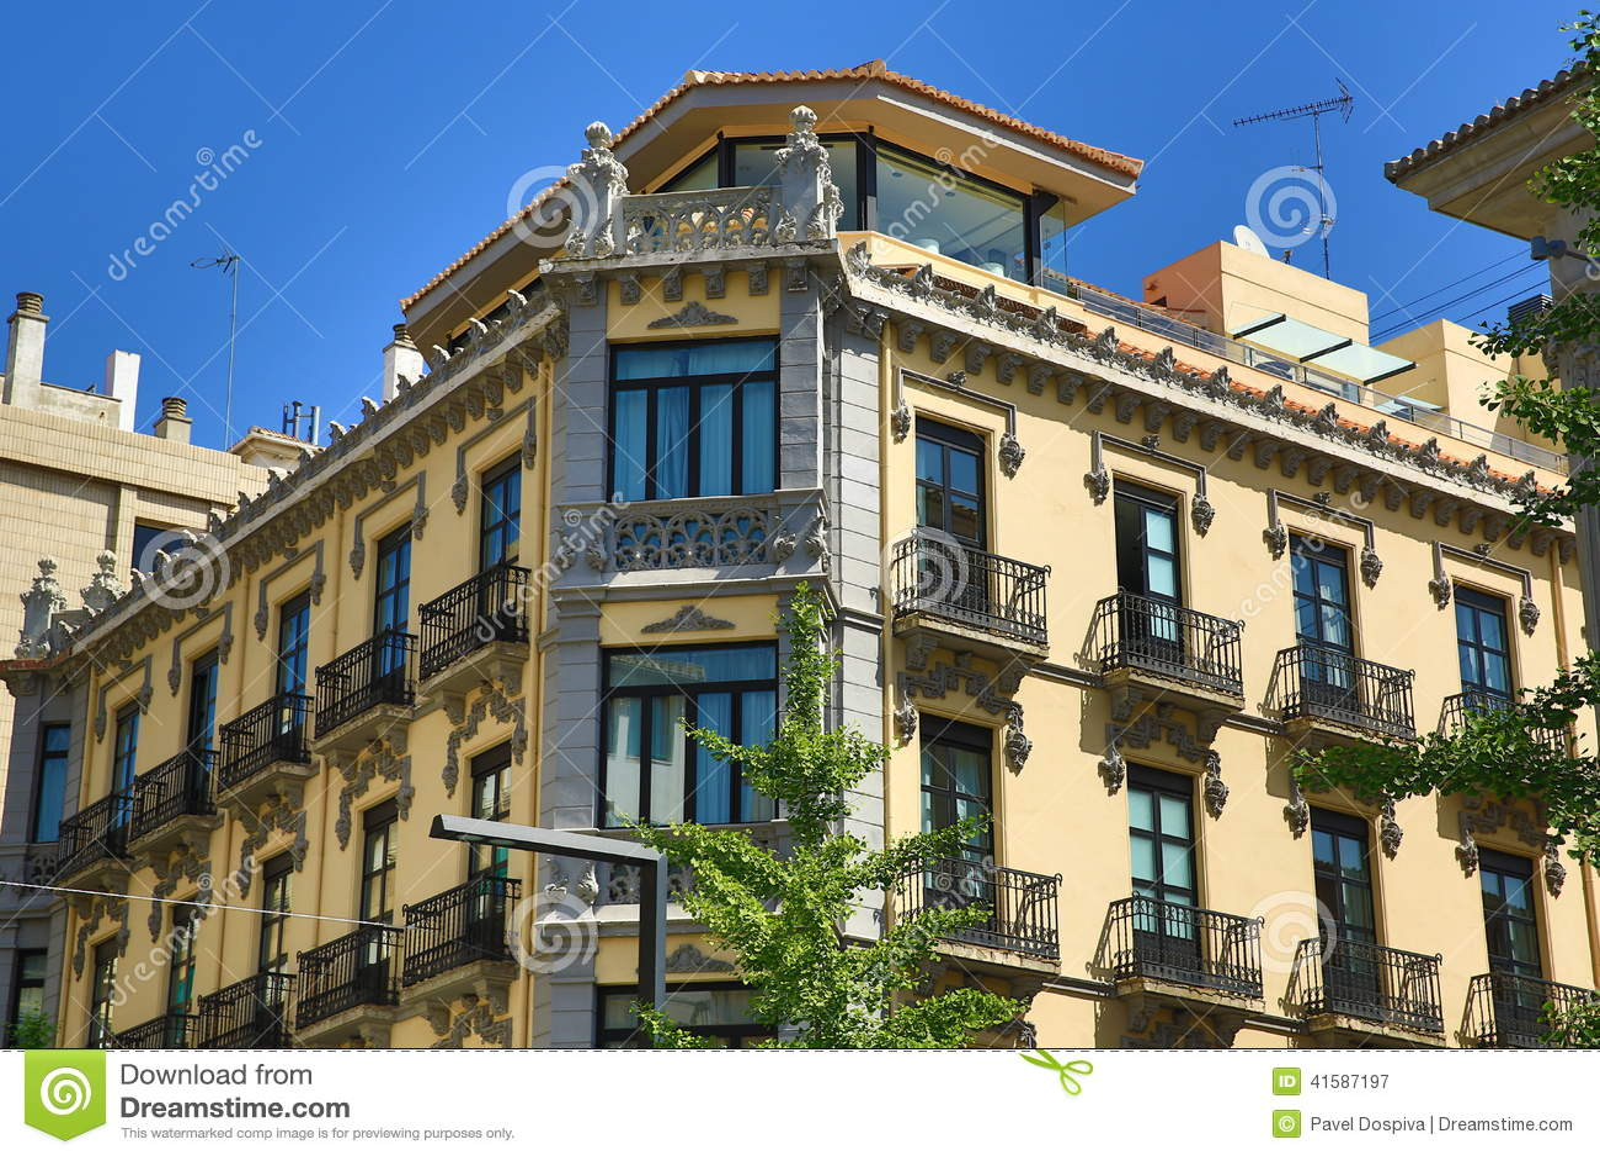 L 39 architettura di vecchie case granada spagna immagine for Case di architettura spagnola